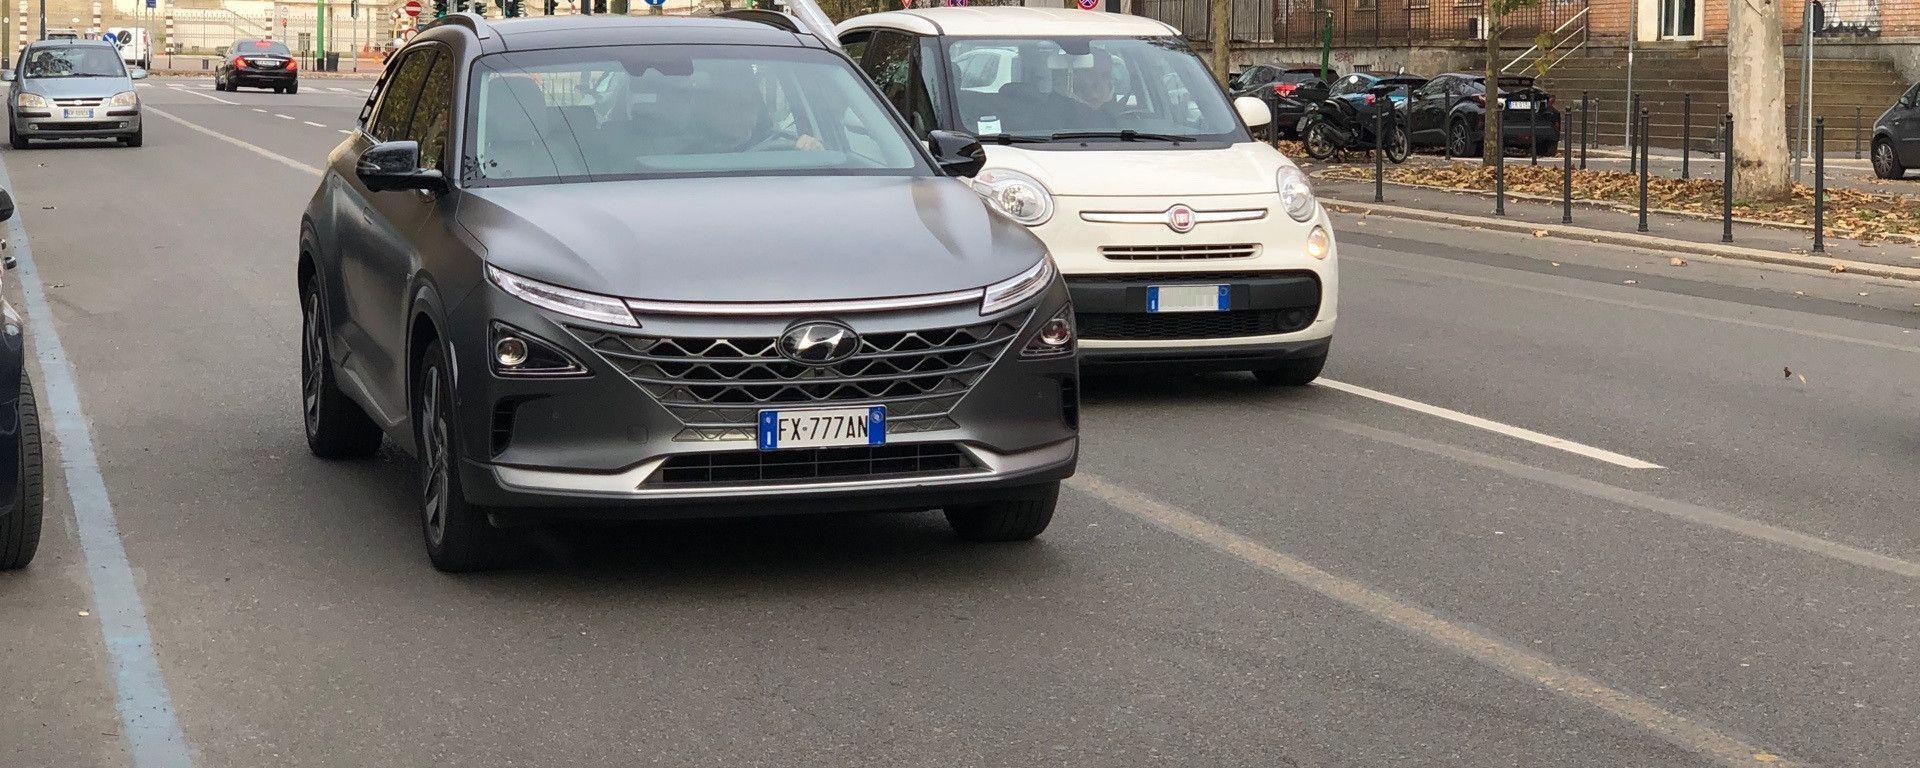 Nuova Hyundai Nexo: l'abbiamo provata su strada